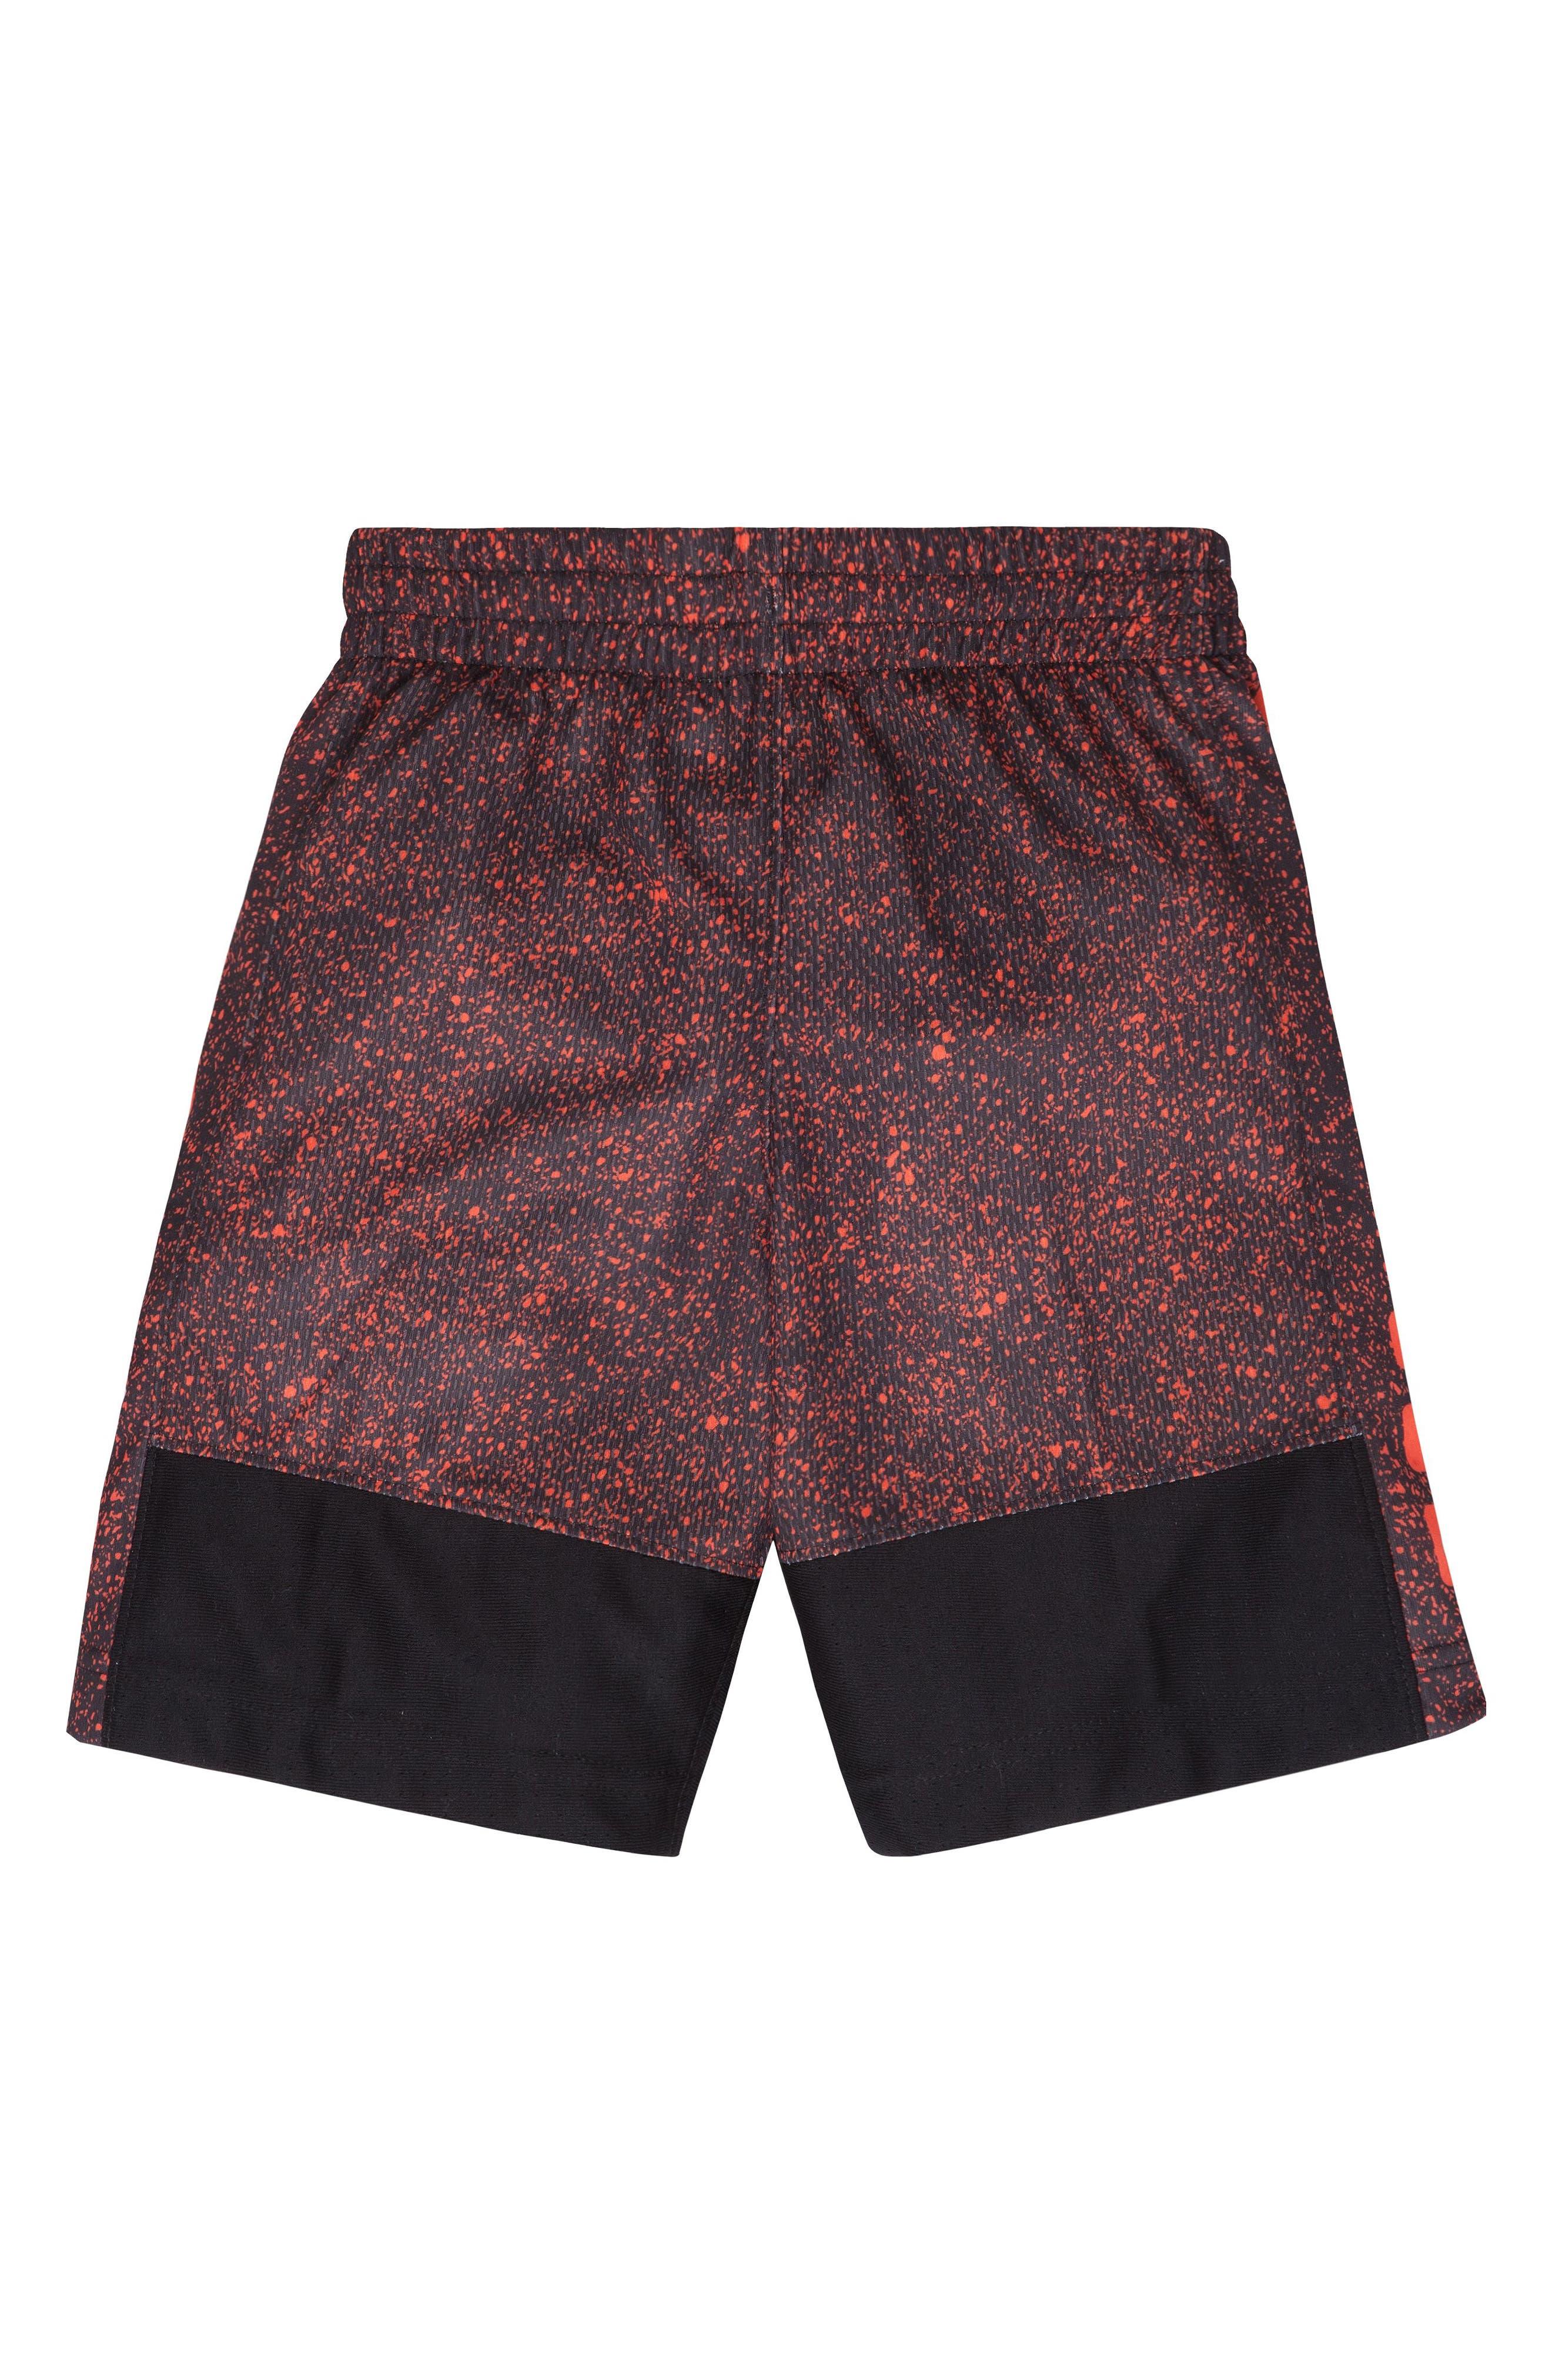 Elite Print Shorts,                             Alternate thumbnail 9, color,